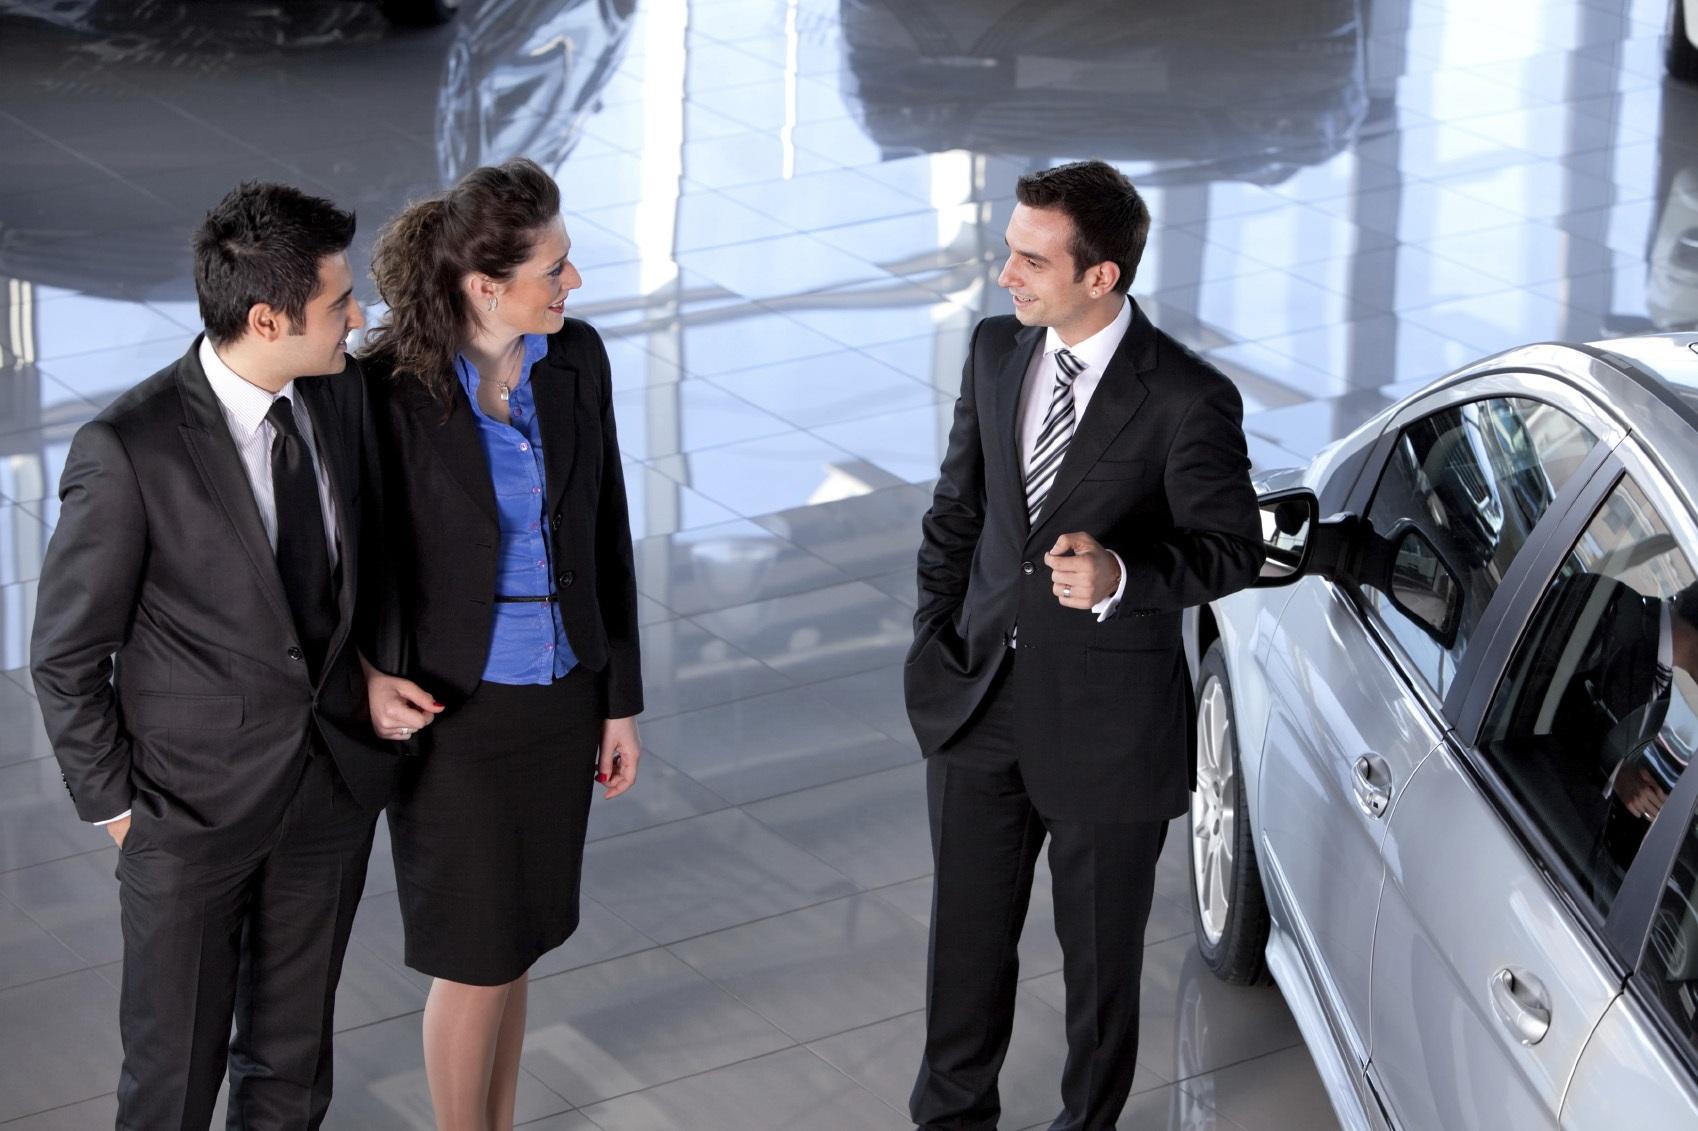 Ven a conocer todas las opciones de vehículos que te ofrecemos en Honda de Chantilly